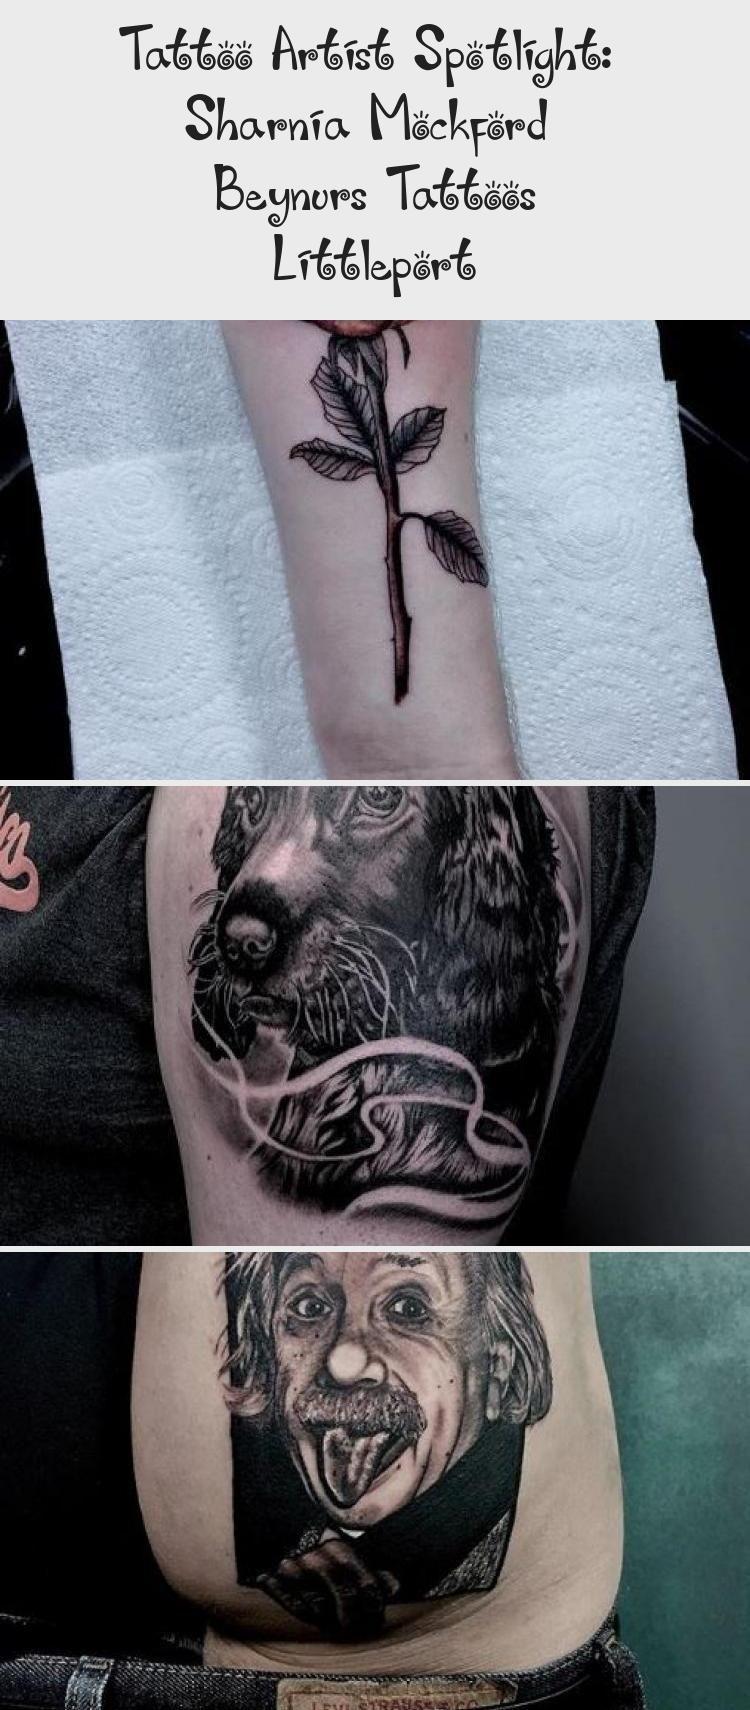 Tattoo Artist Spotlight Sharnia Mockford Beynurs Tattoos Littleport In 2020 Tattoo Artists Tattoos Time Tattoos